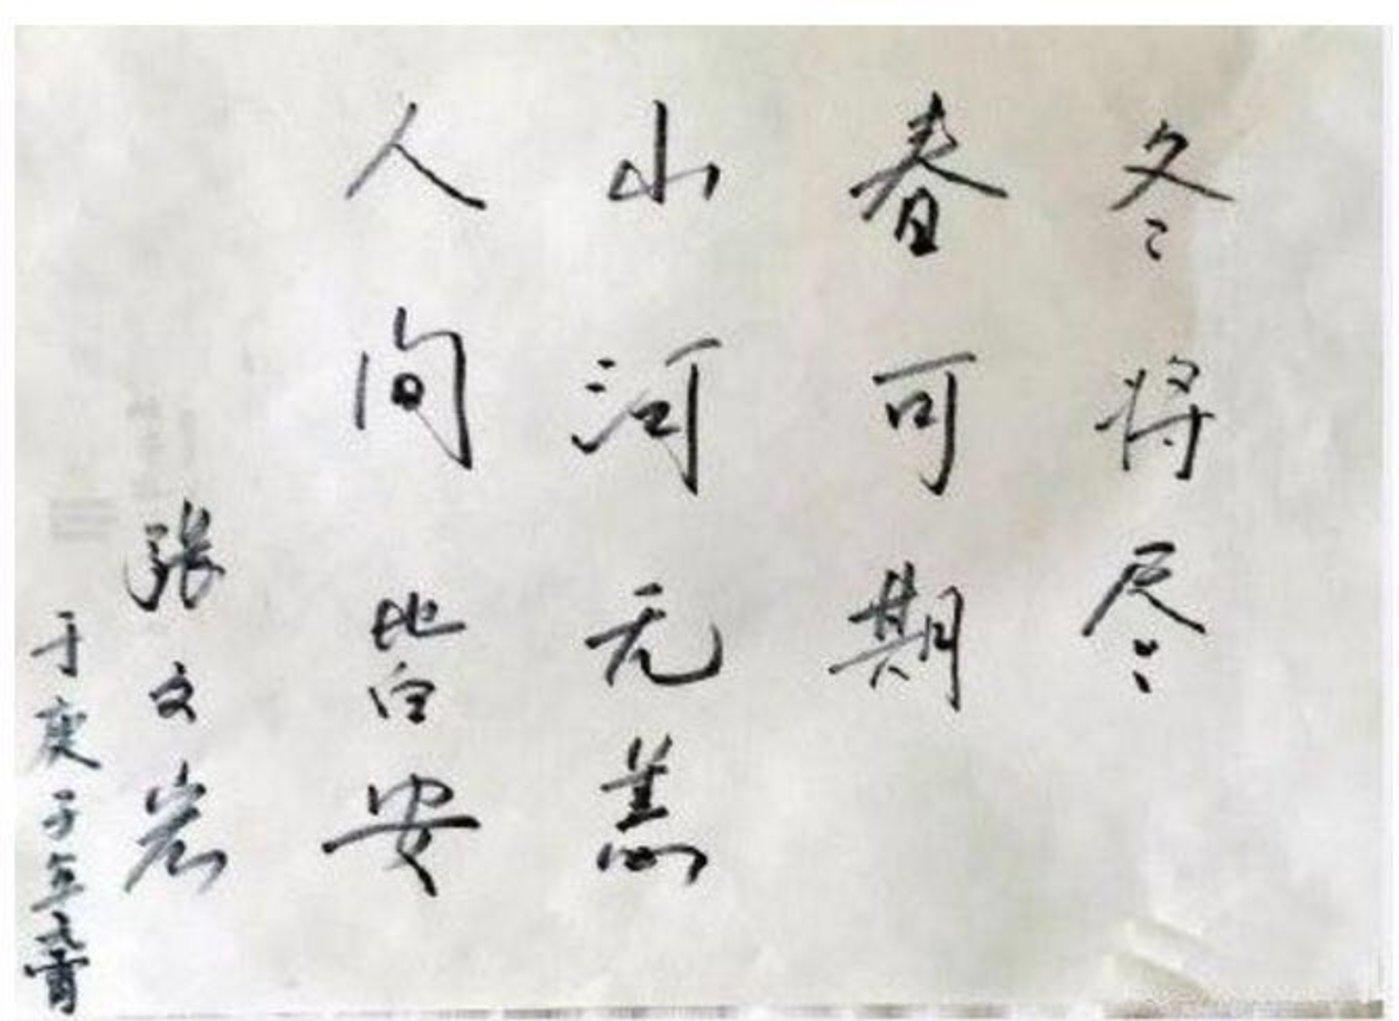 张文宏教授手书